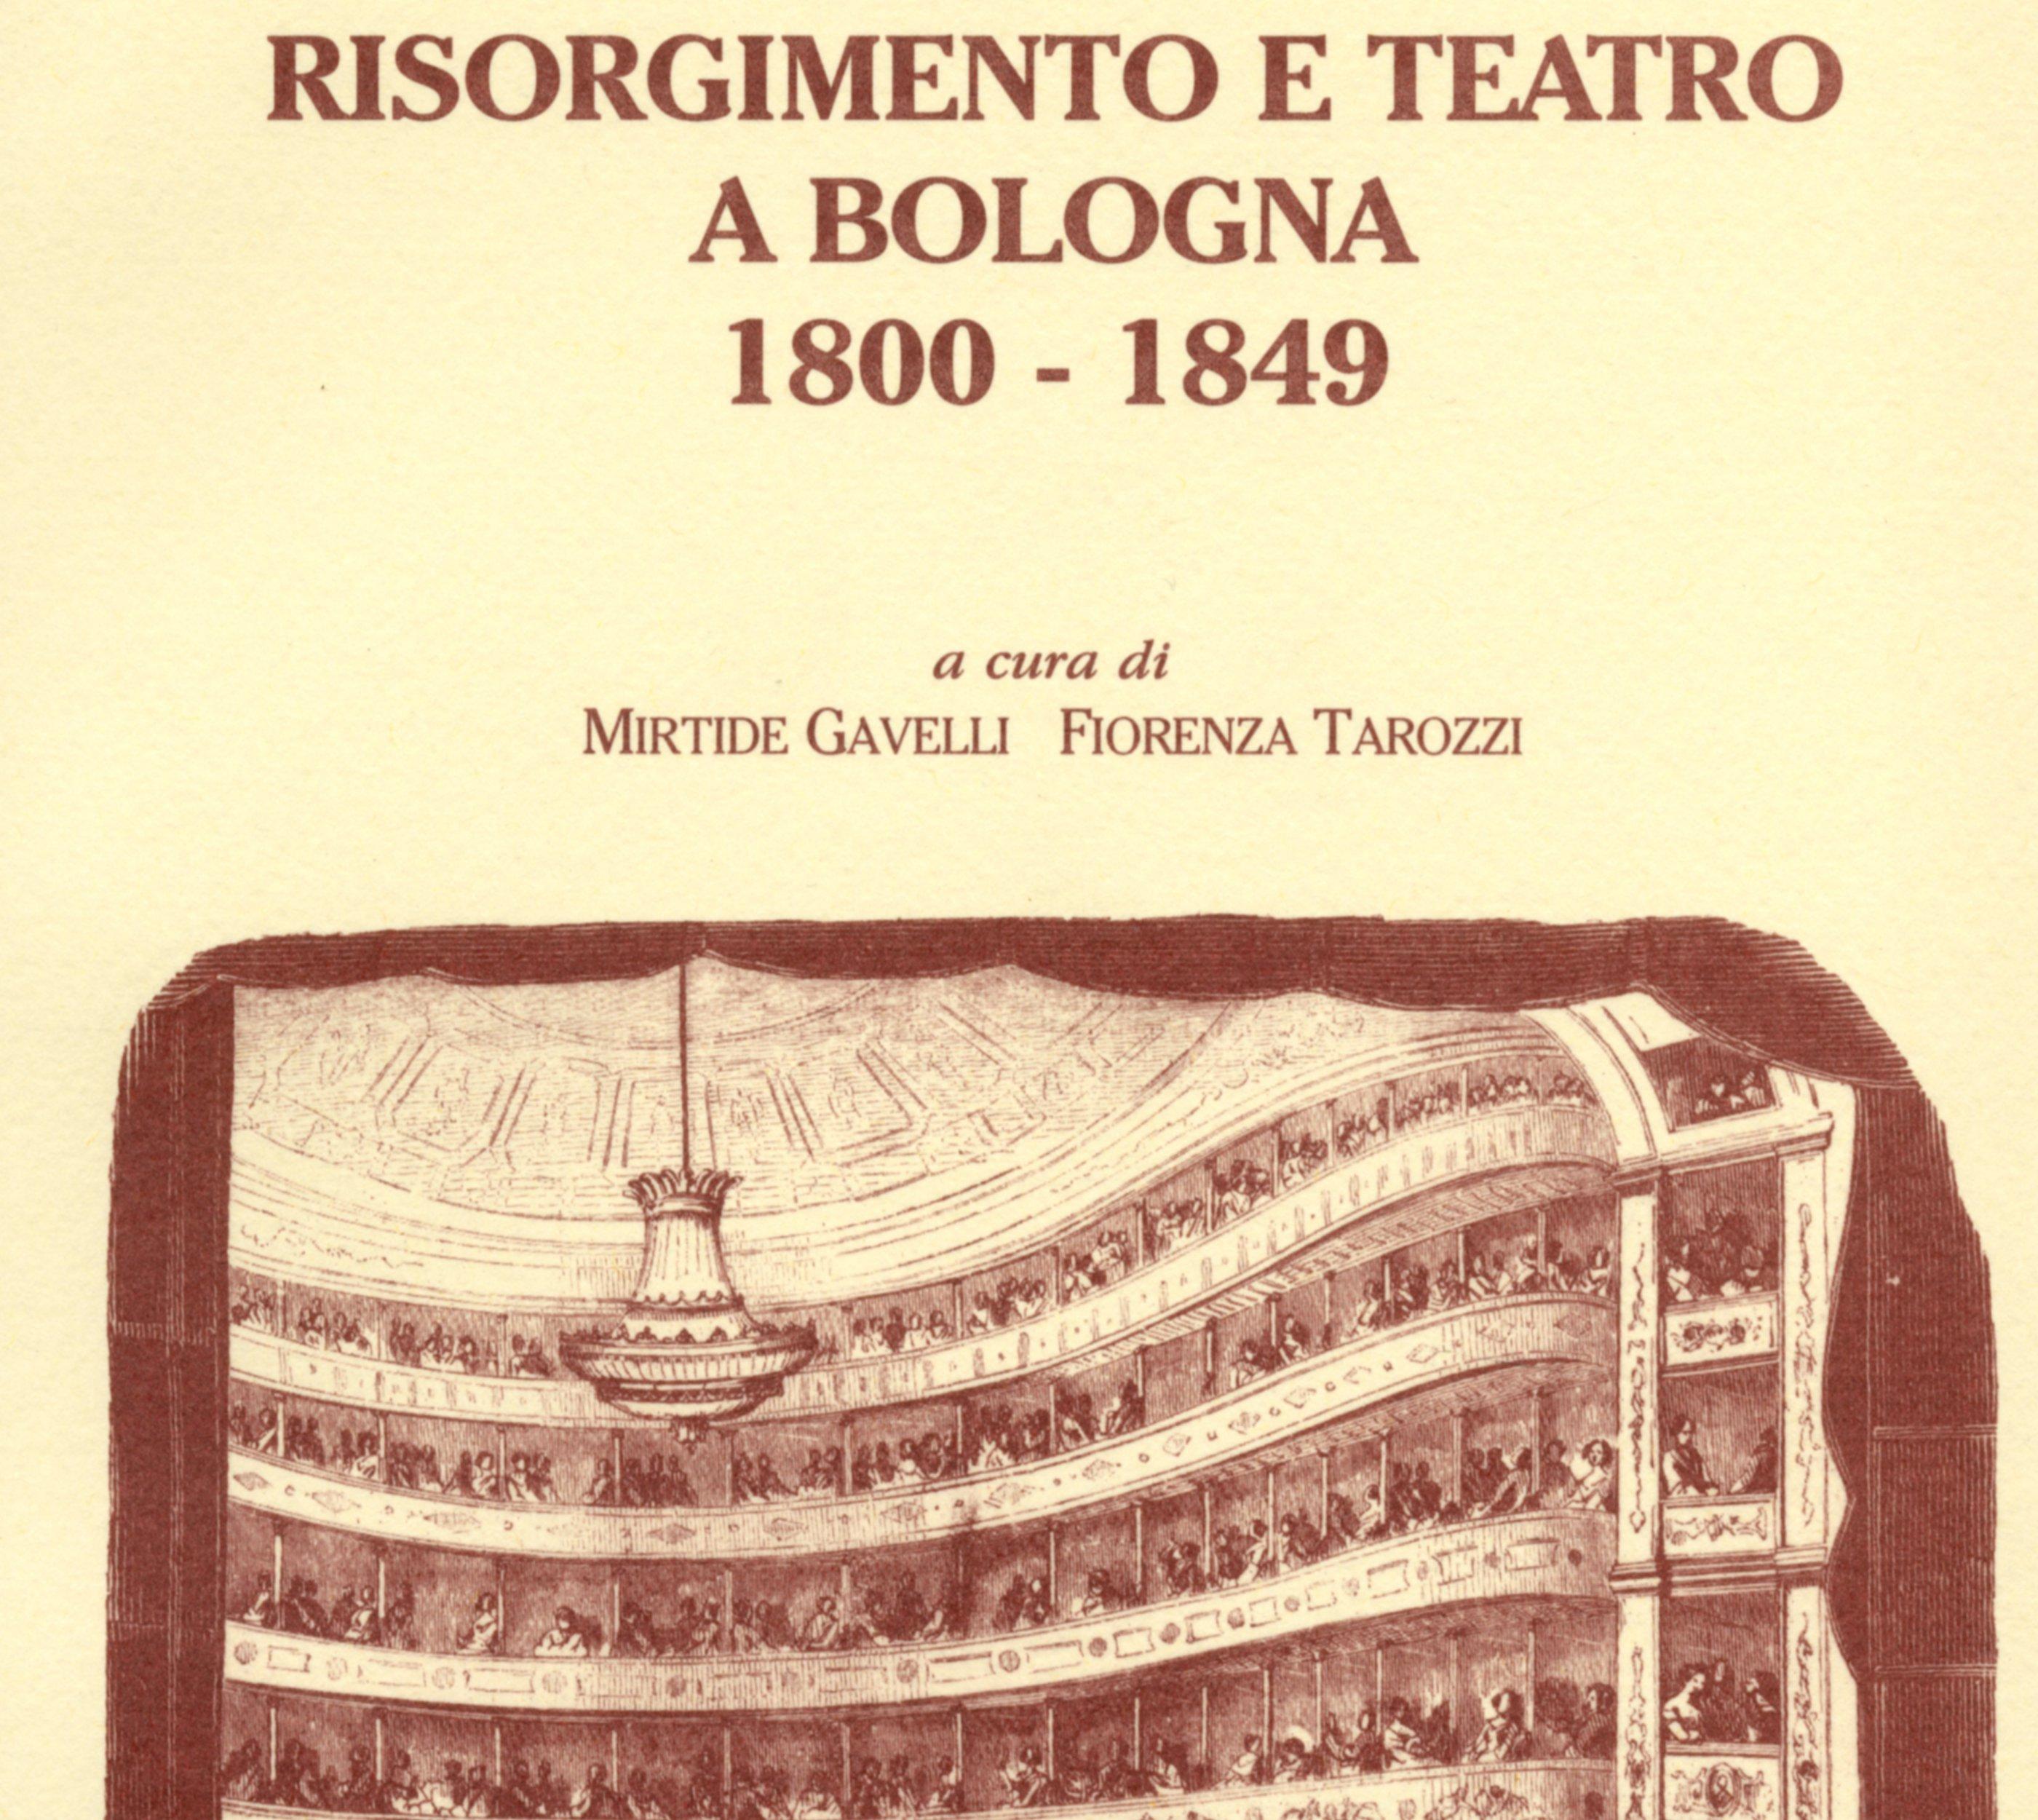 Risorgimento e teatro a Bologna 1800-1849